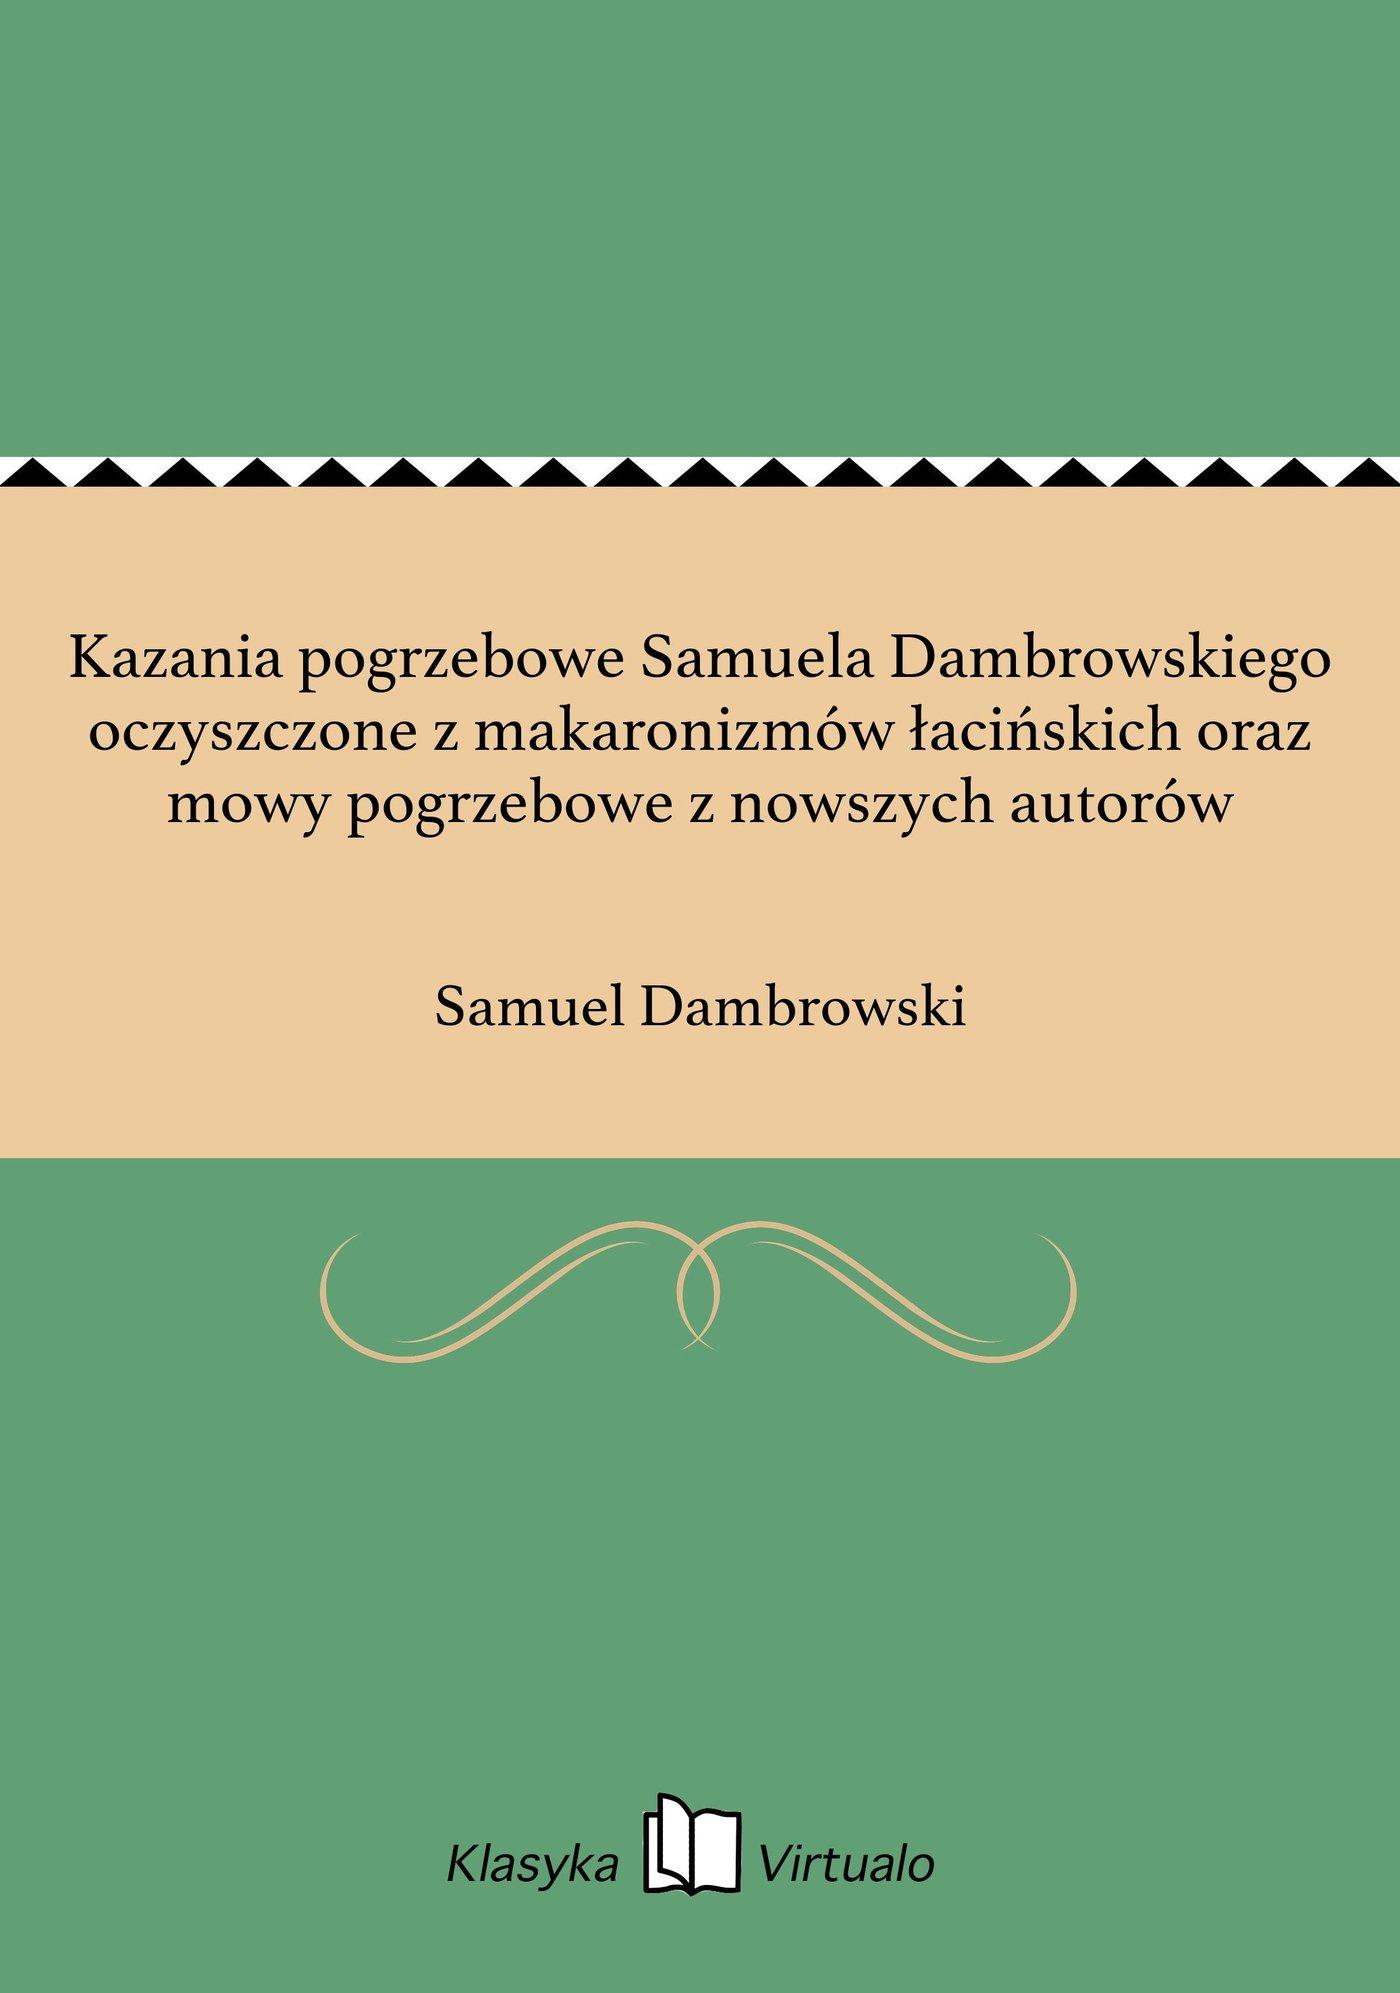 Kazania pogrzebowe Samuela Dambrowskiego oczyszczone z makaronizmów łacińskich oraz mowy pogrzebowe z nowszych autorów - Ebook (Książka EPUB) do pobrania w formacie EPUB